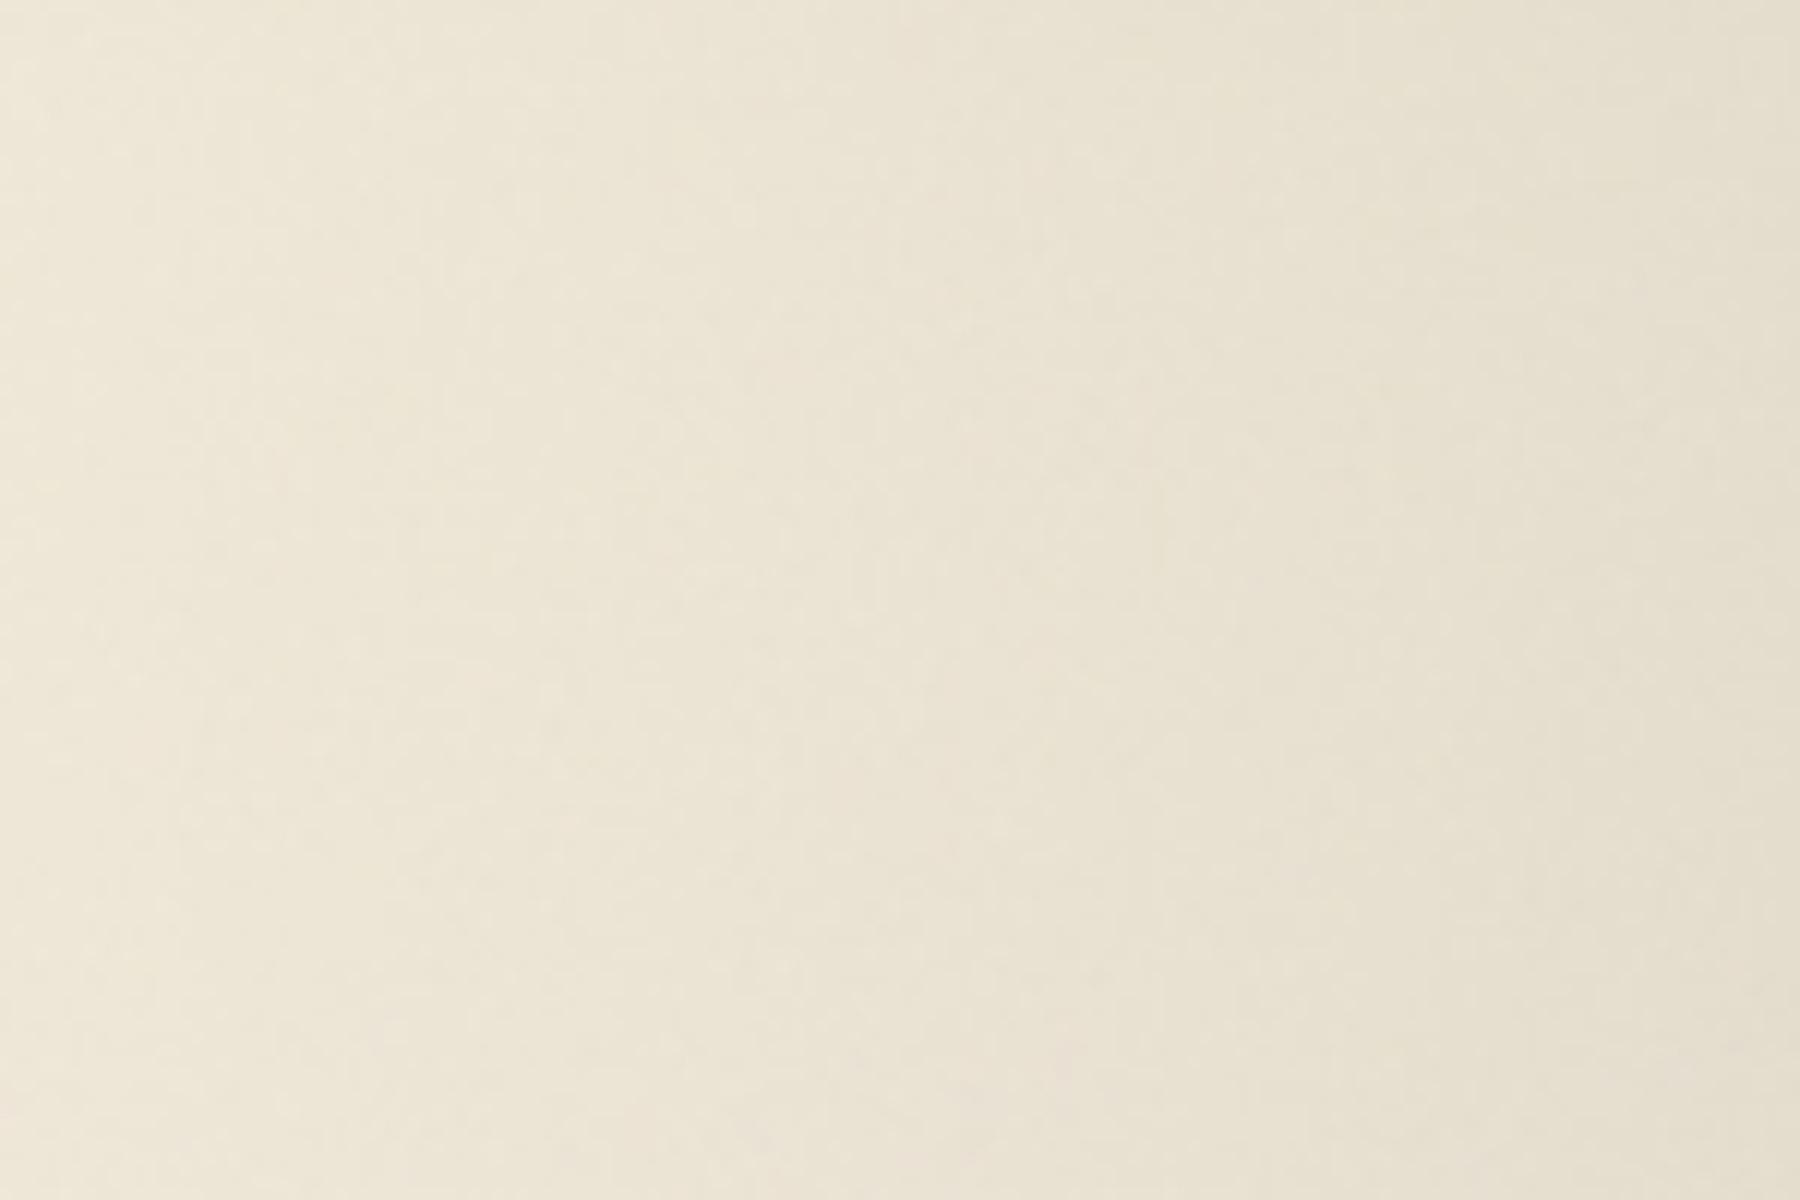 Kronospan Mussel 5982  - 2800 x 2070 18mm wg/tex